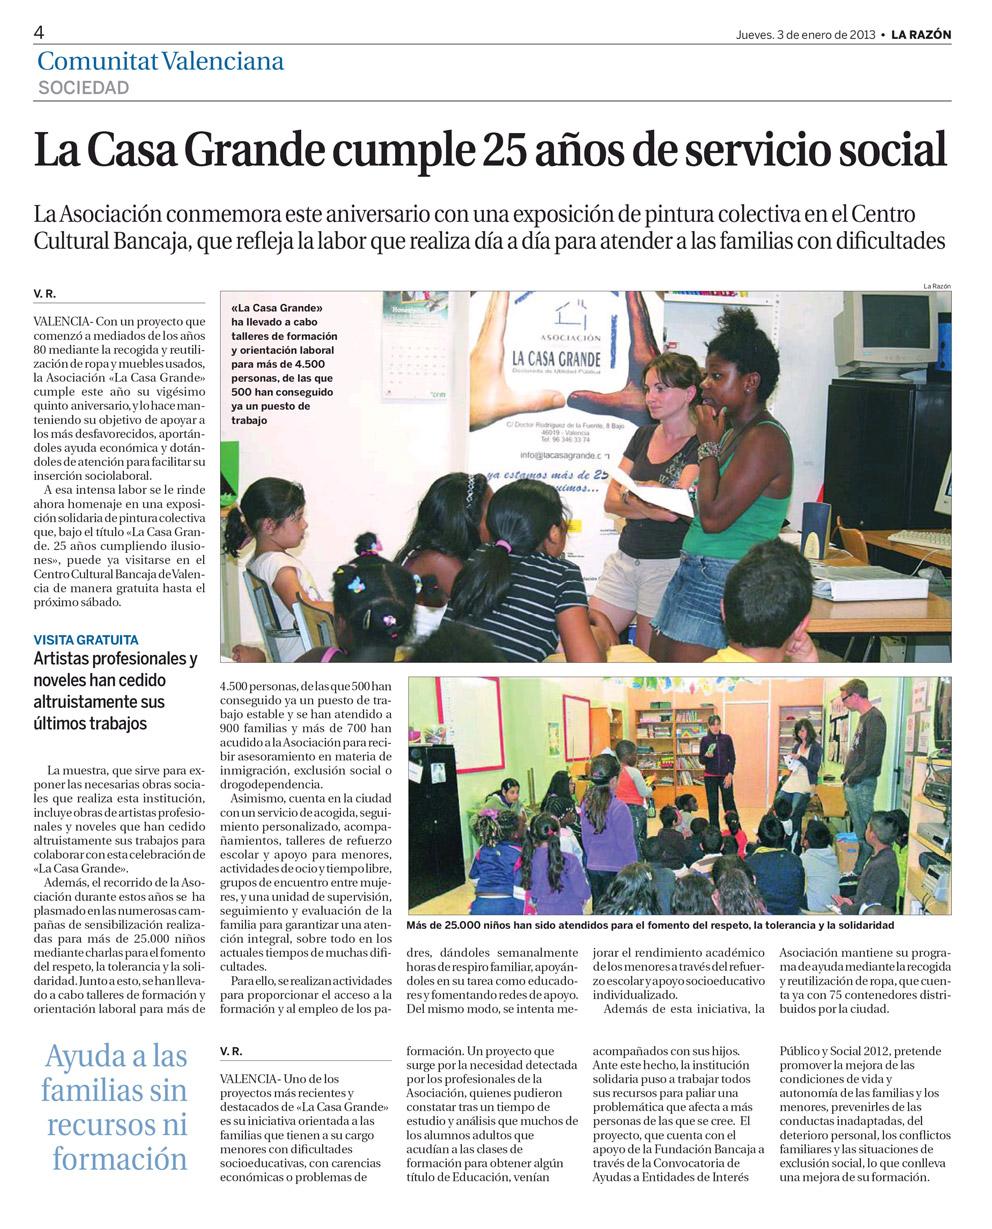 La-Razón---3-ene-2013